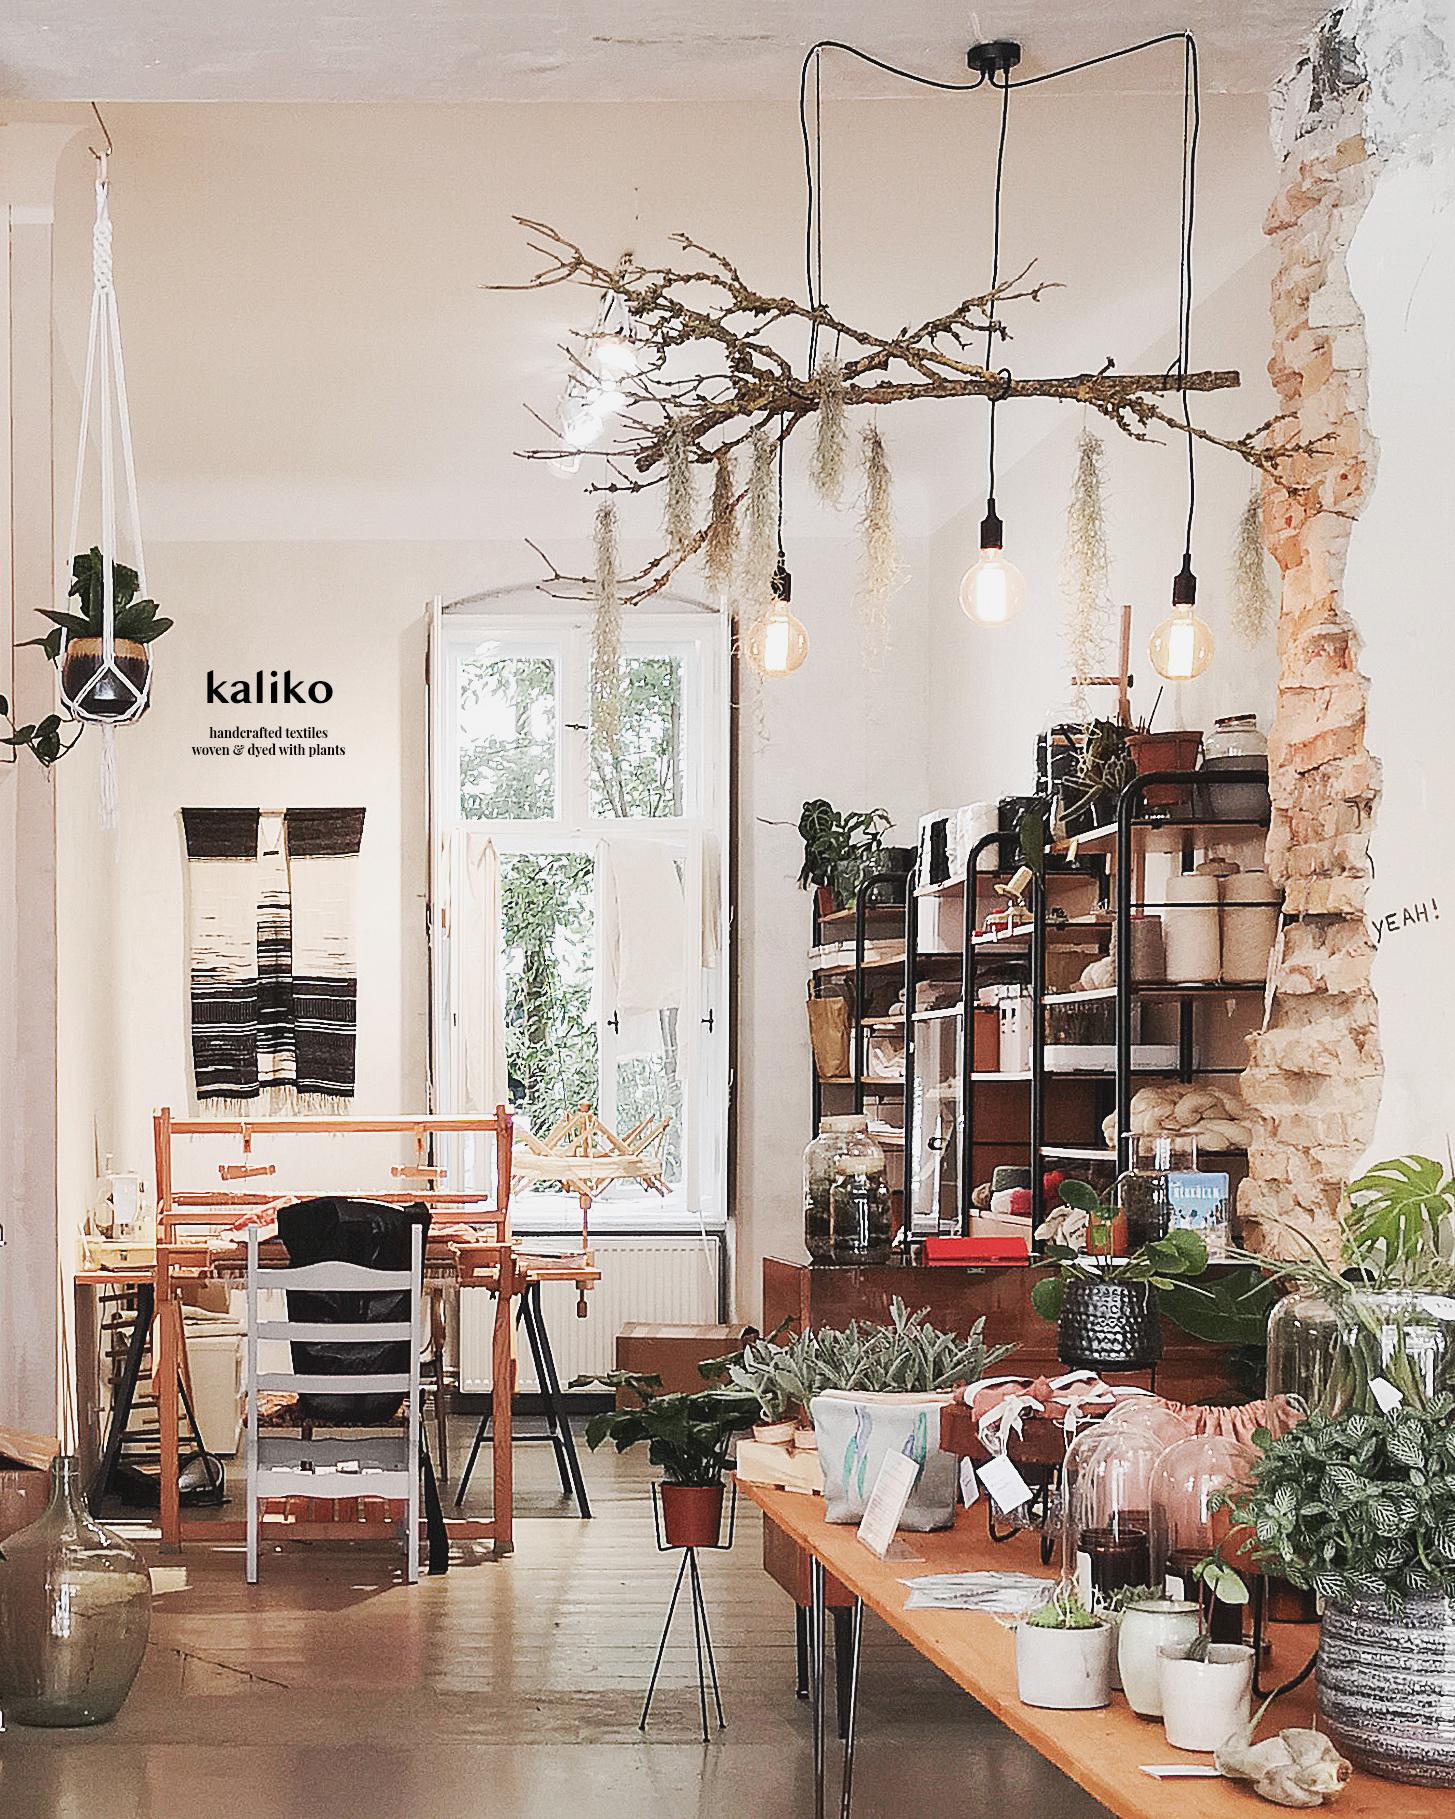 Introducing our shop-studio in Berlin Allerstr.11